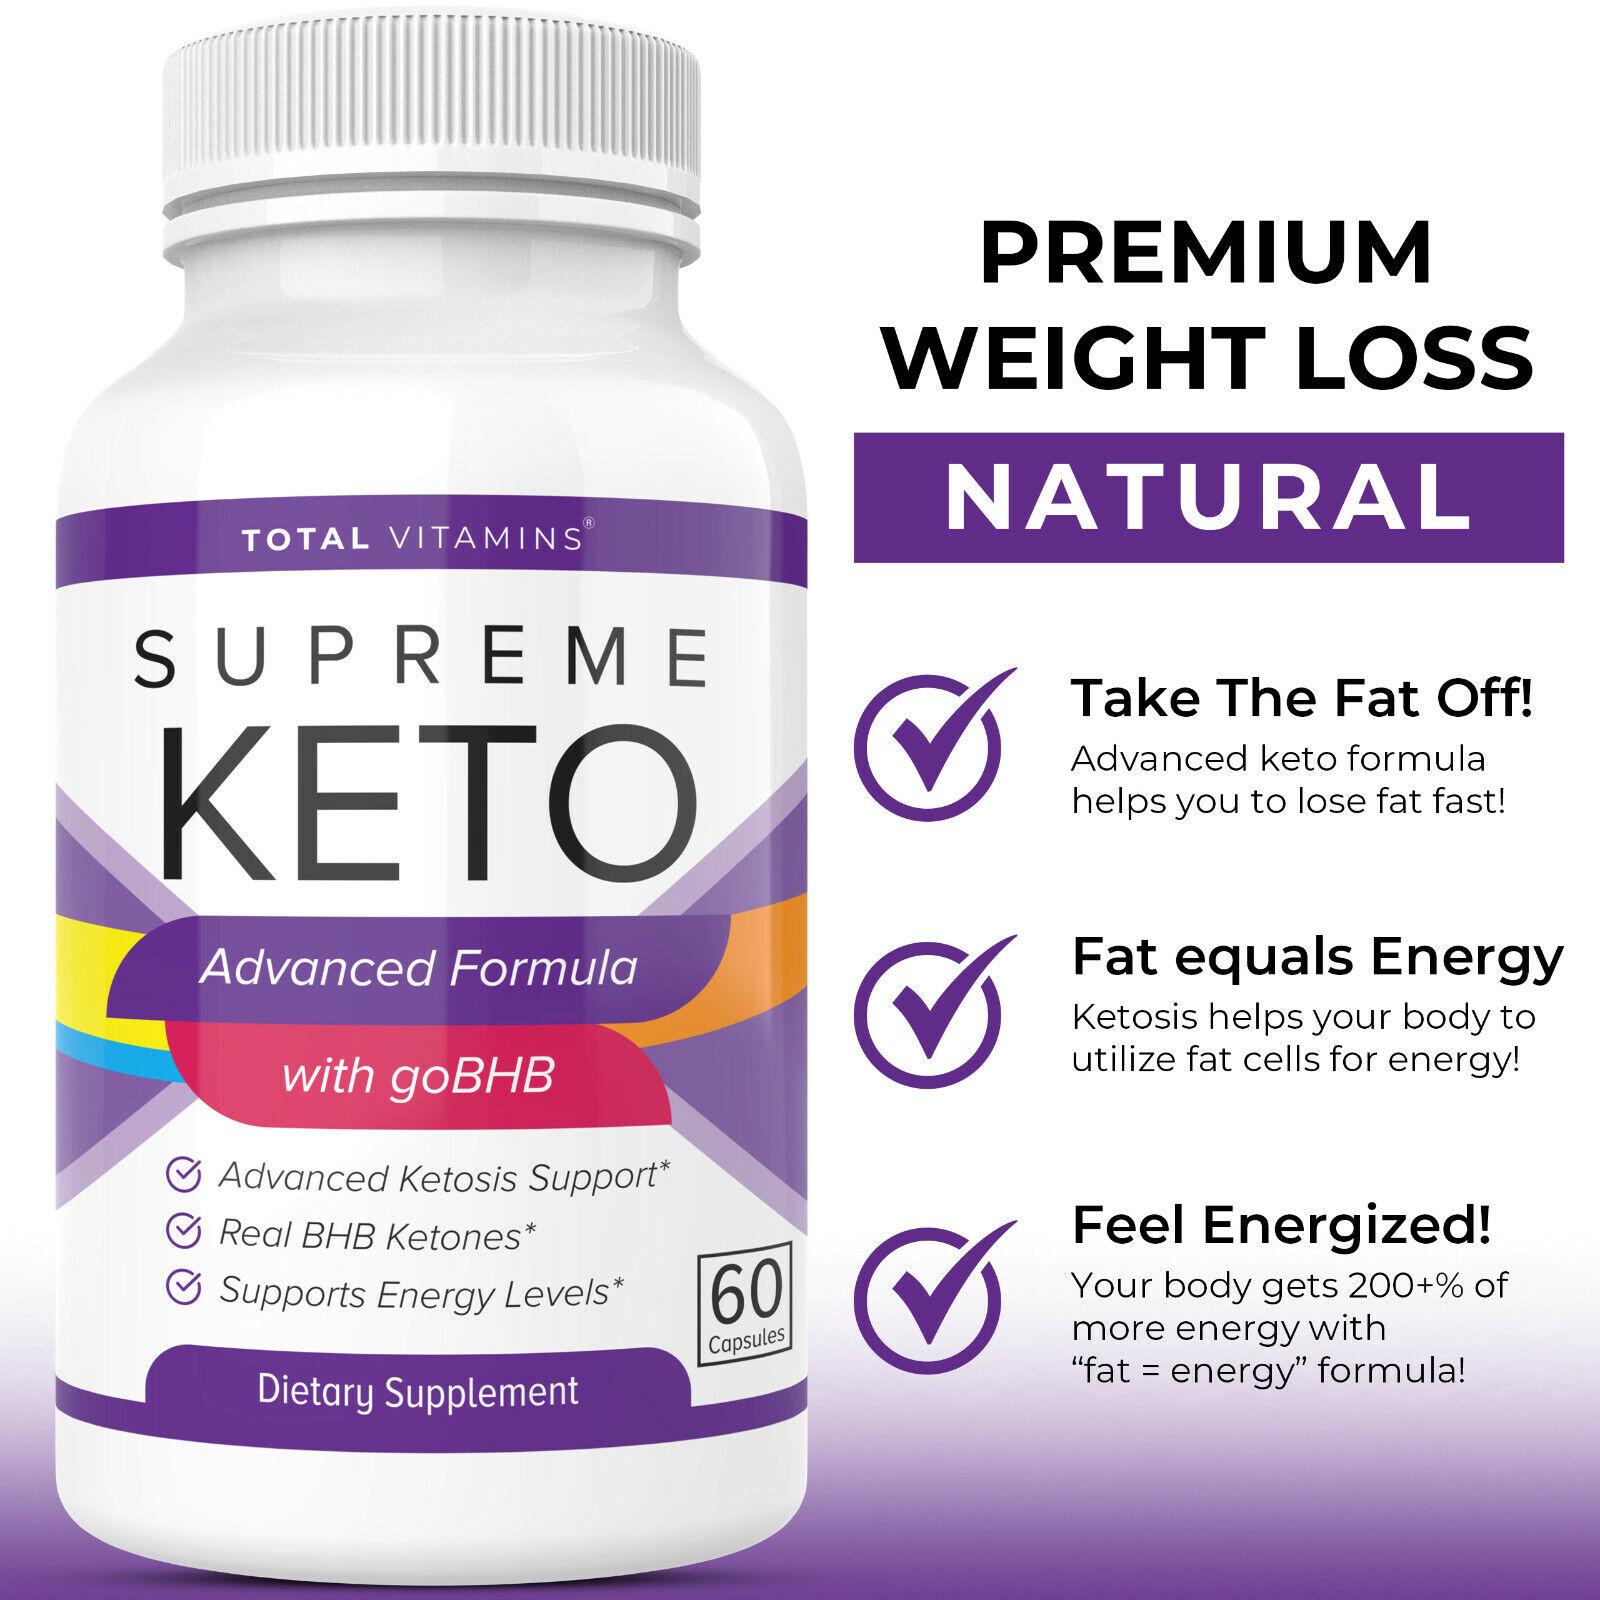 Supreme Keto Diet Pills Advanced Weight Loss BHB Ketones Fat